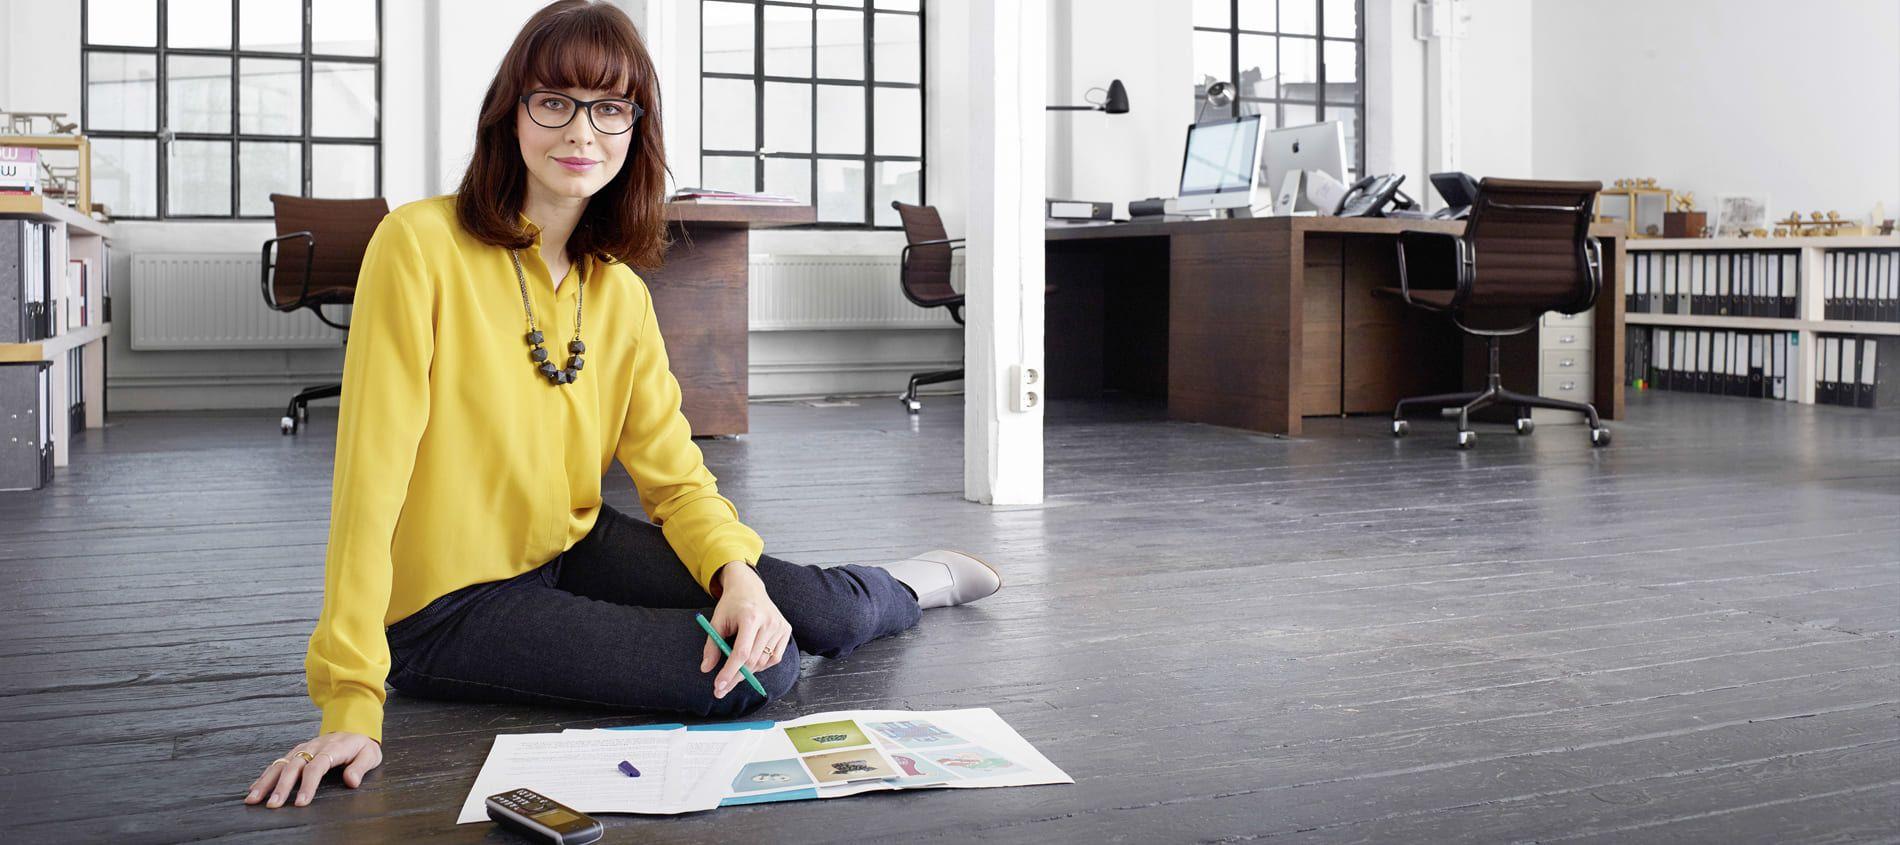 Llega la solución de telefonía a medida para las necesidades de los WorkSpaces